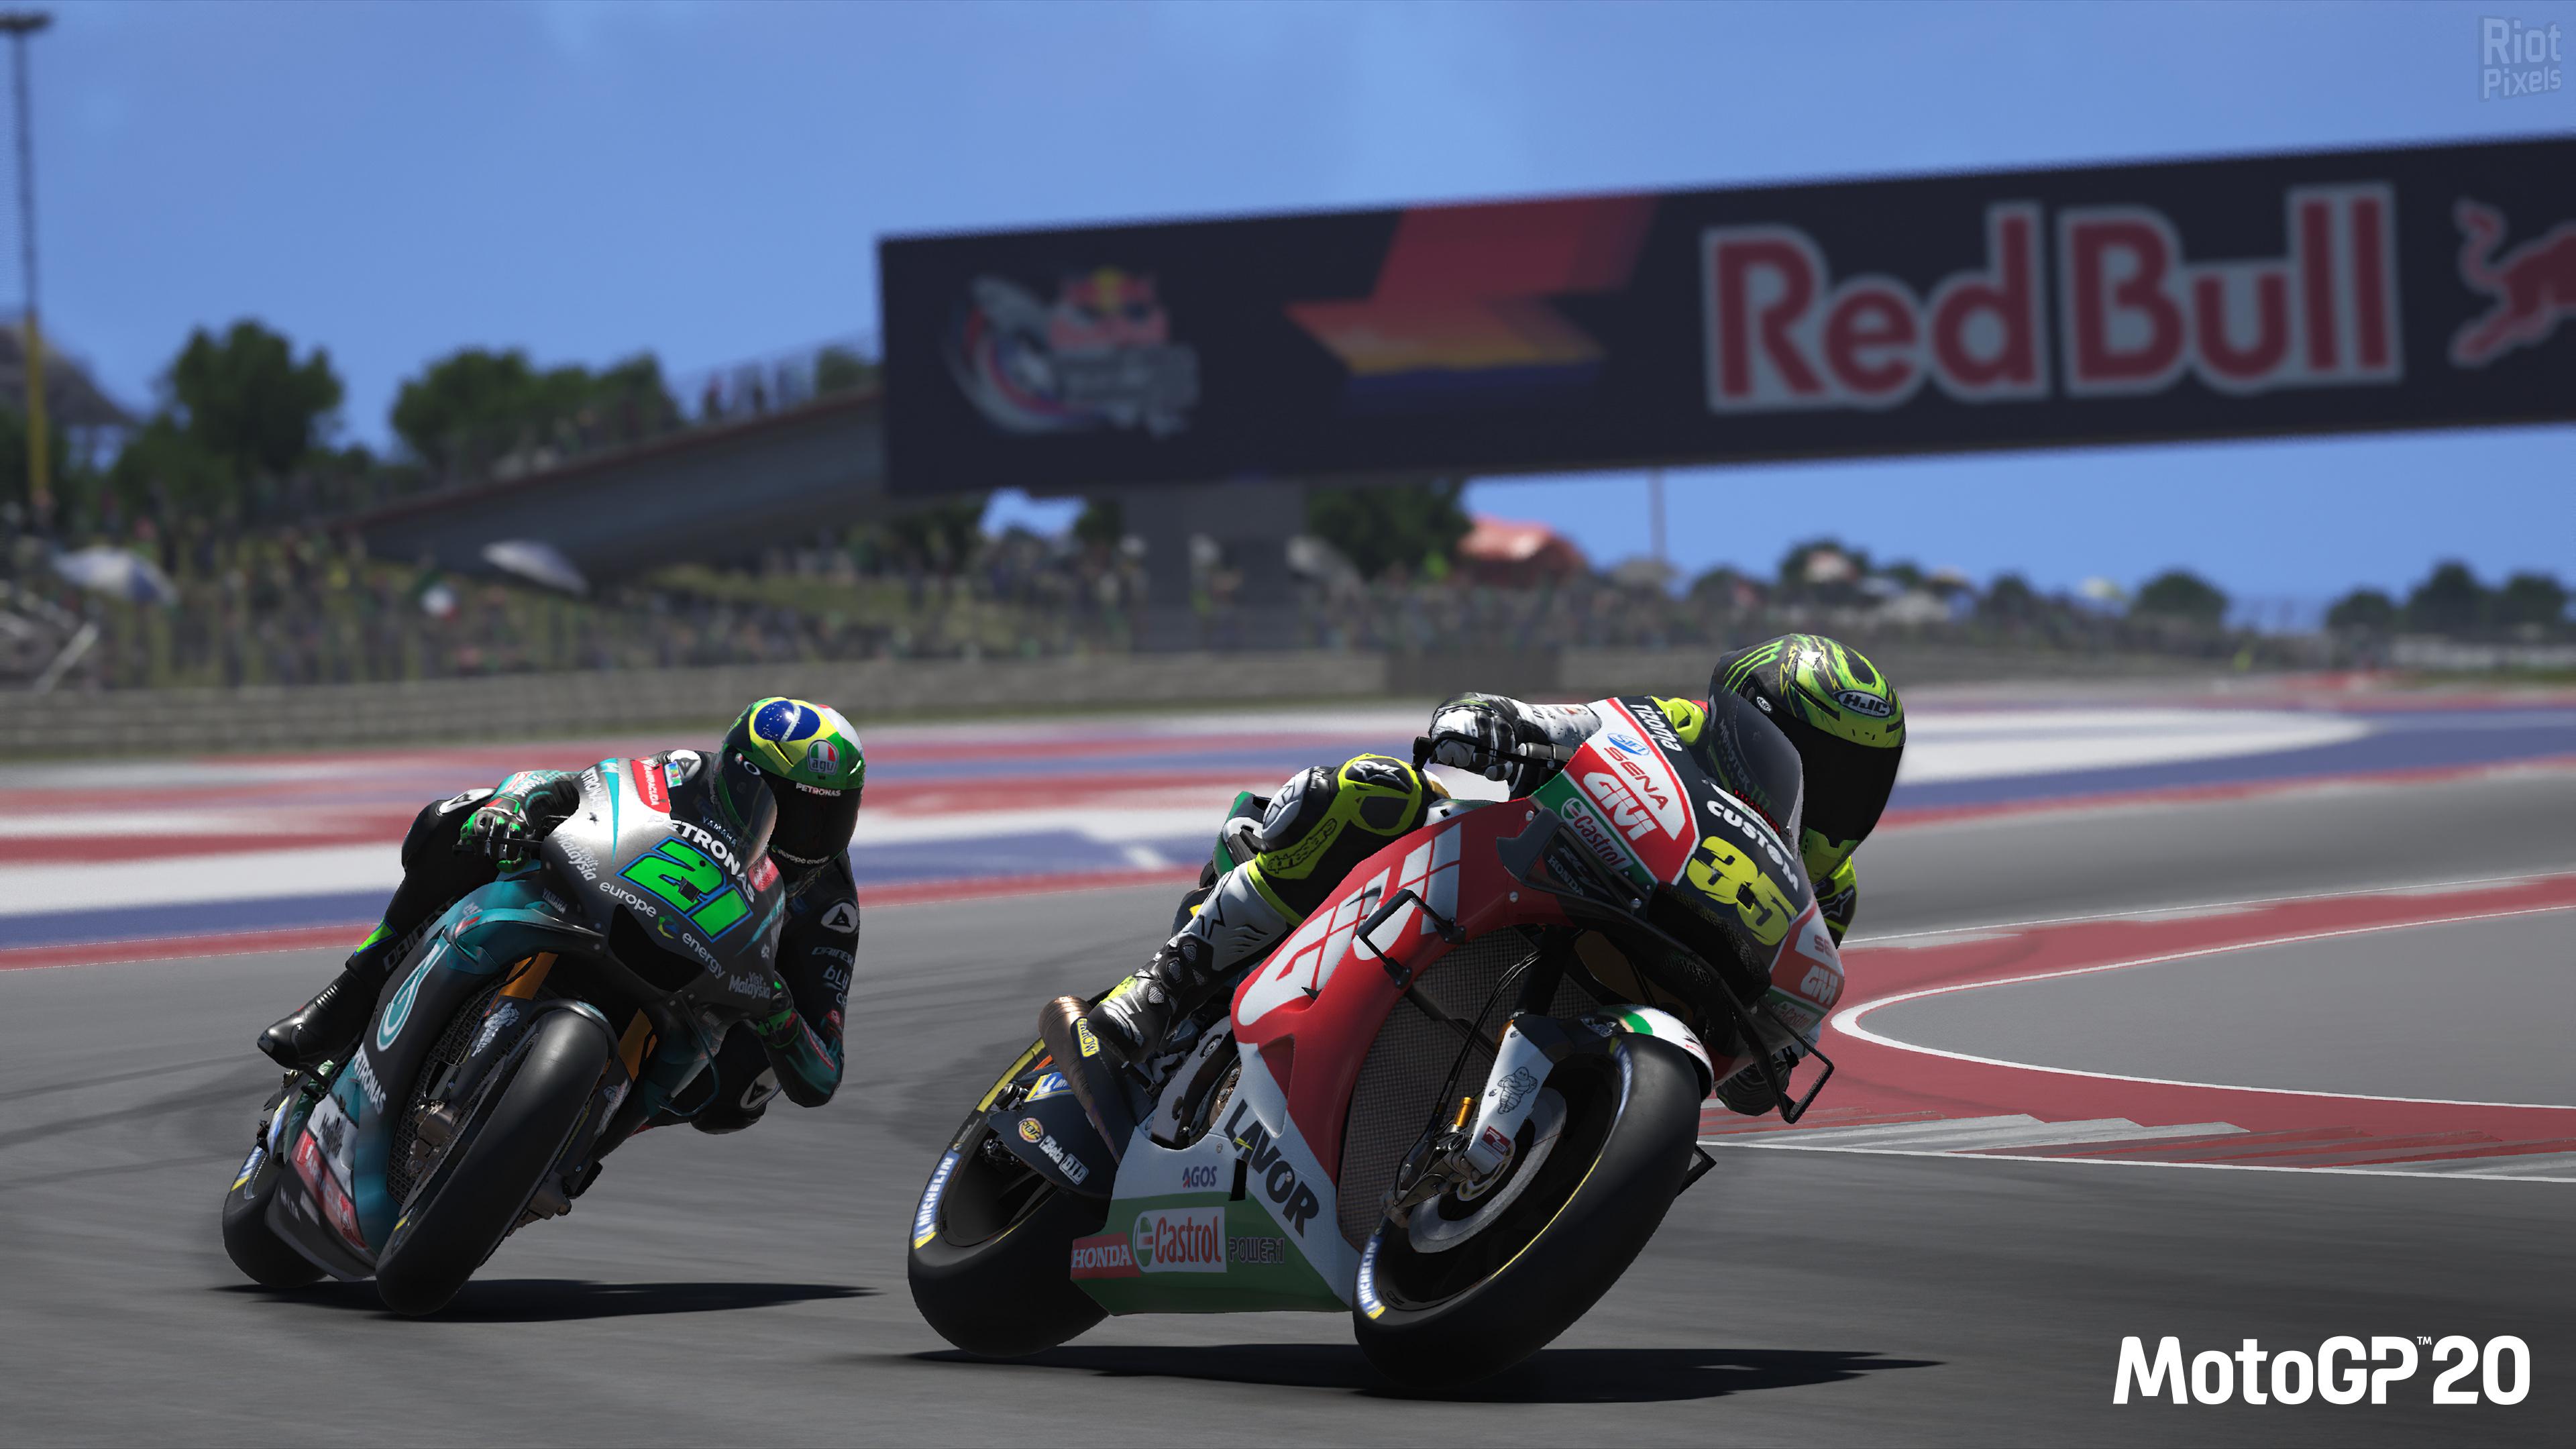 MotoGP 20 - game screenshots at Riot Pixels, images